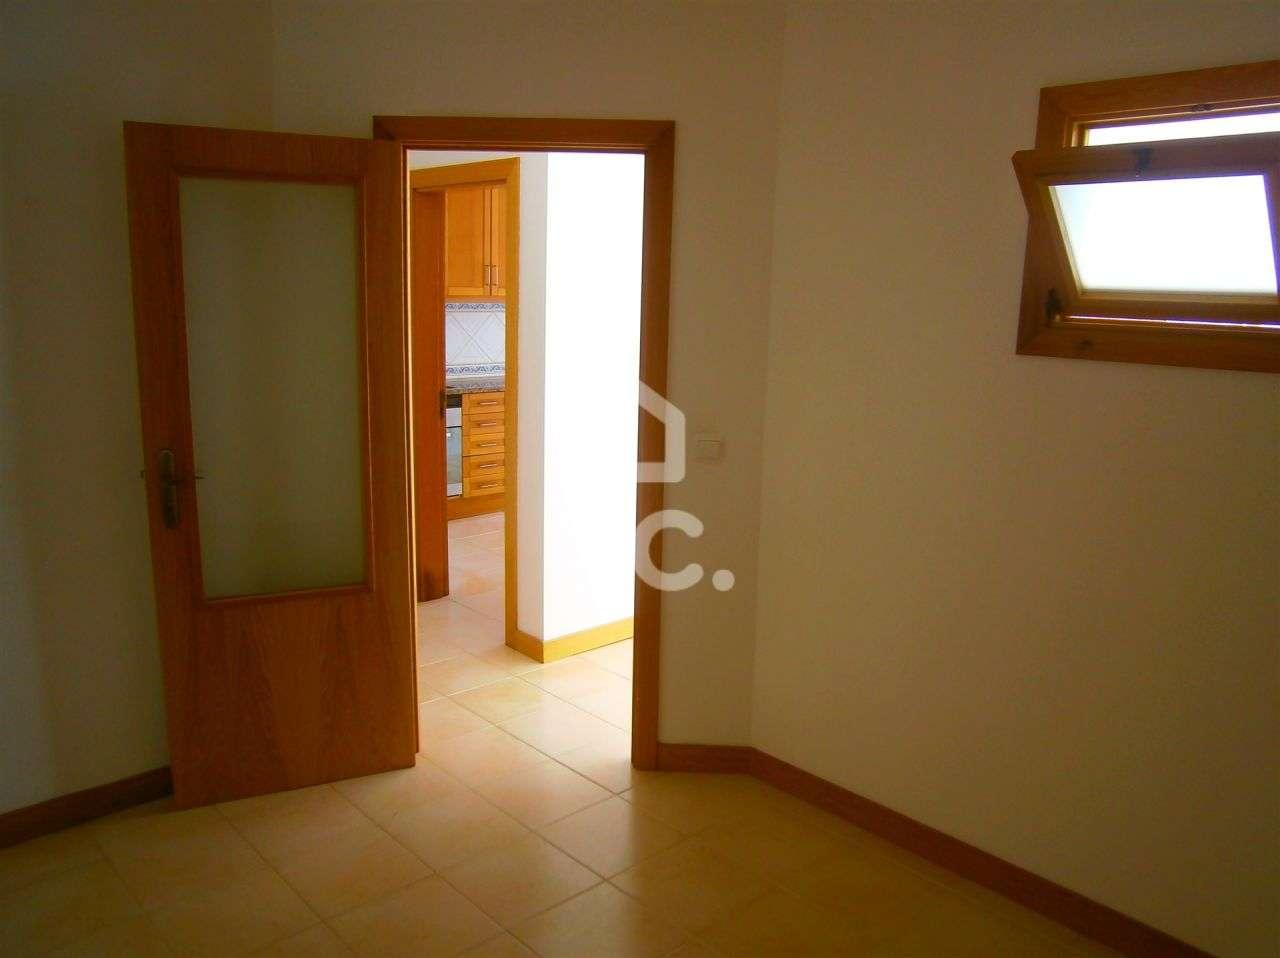 Apartamento para comprar, Ferrel, Leiria - Foto 4